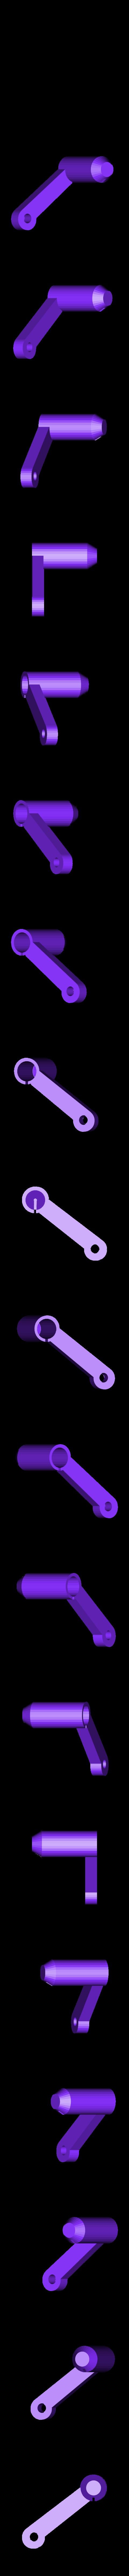 ArmBackRight.stl Télécharger fichier STL gratuit Châssis pliable - moteurs de 7 mm[Pas besoin de vis]. • Design imprimable en 3D, Gophy